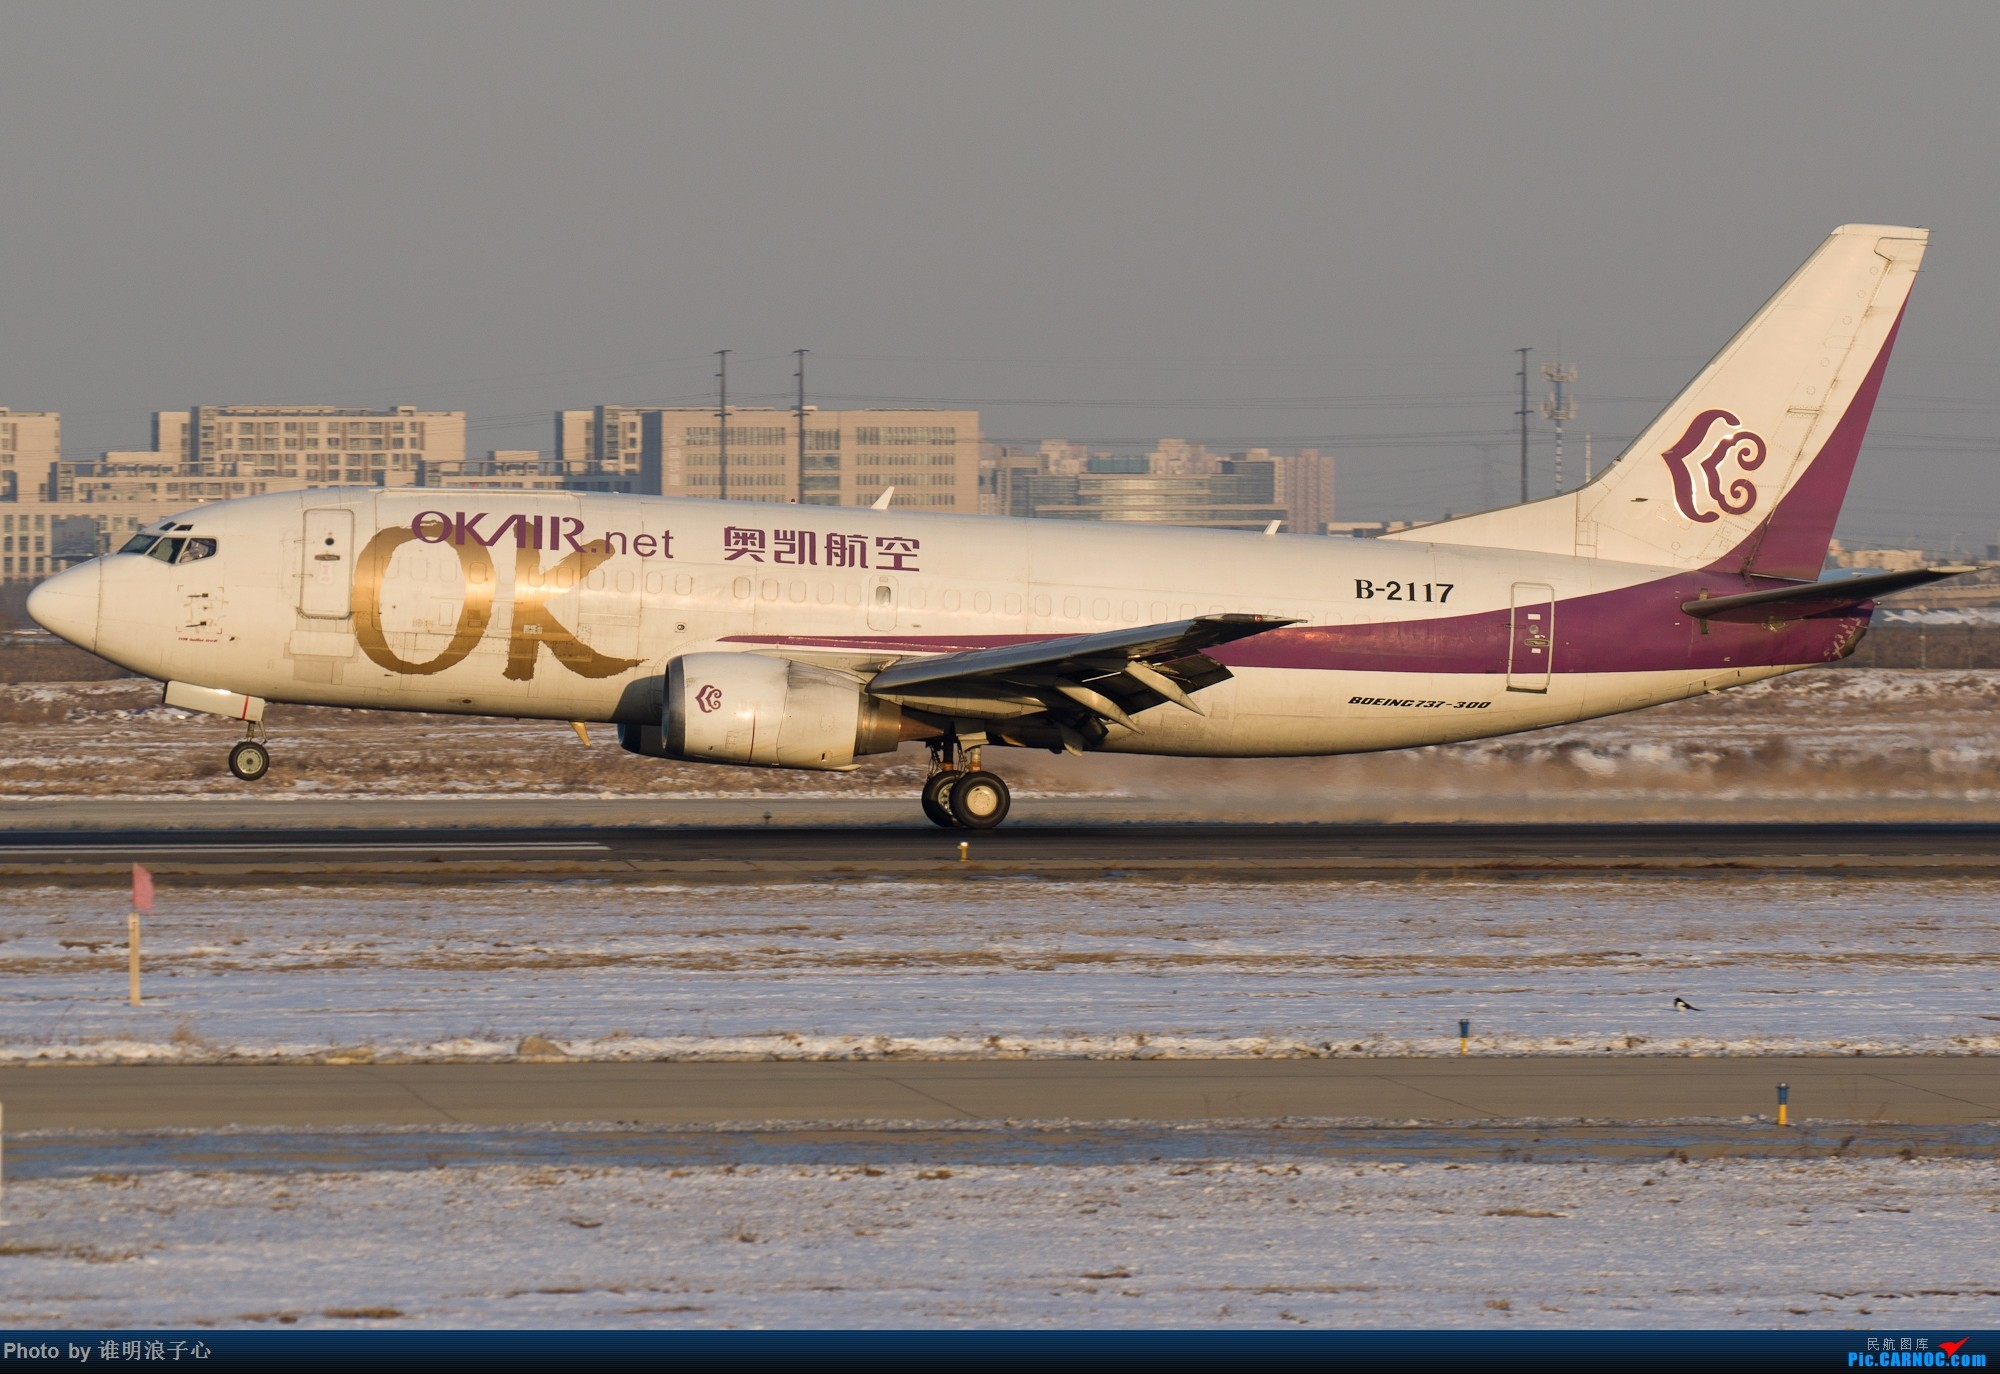 Re:[原创]【TSN飞友会】雪后晴天 BOEING 737-300 B-2117 中国天津滨海国际机场